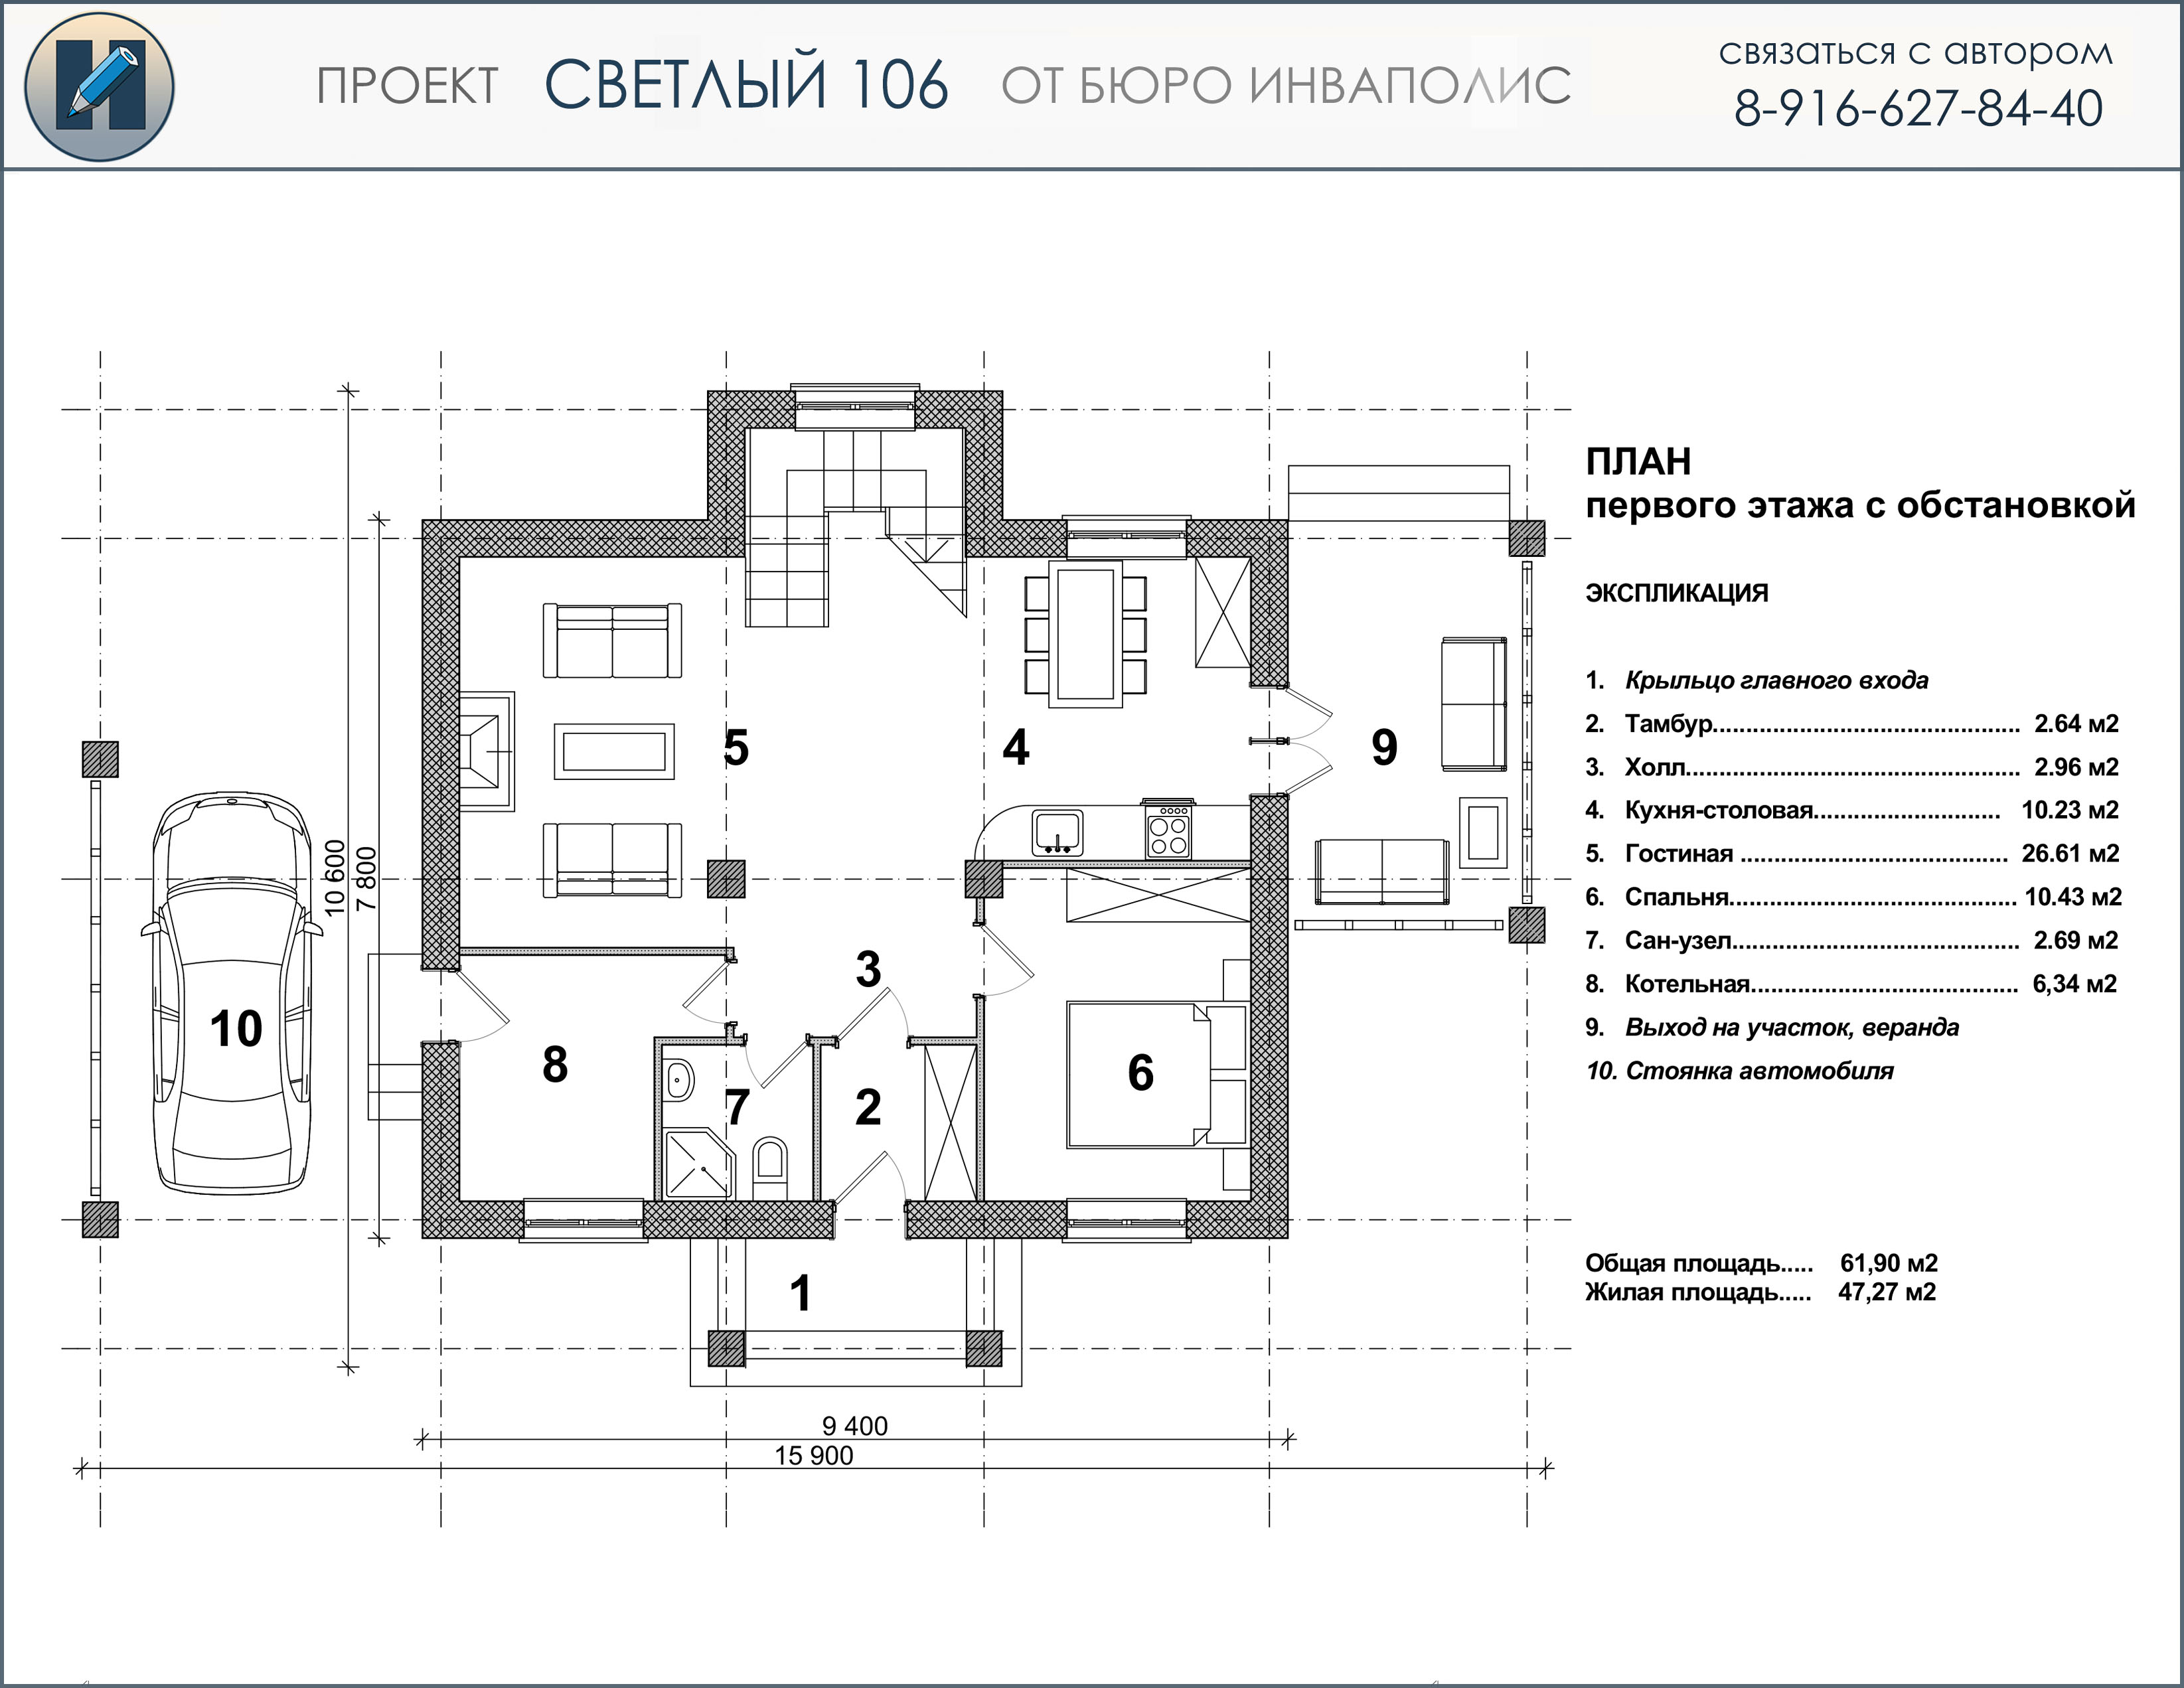 Коттедж Светлый 106 м2 с 4 спальнями план